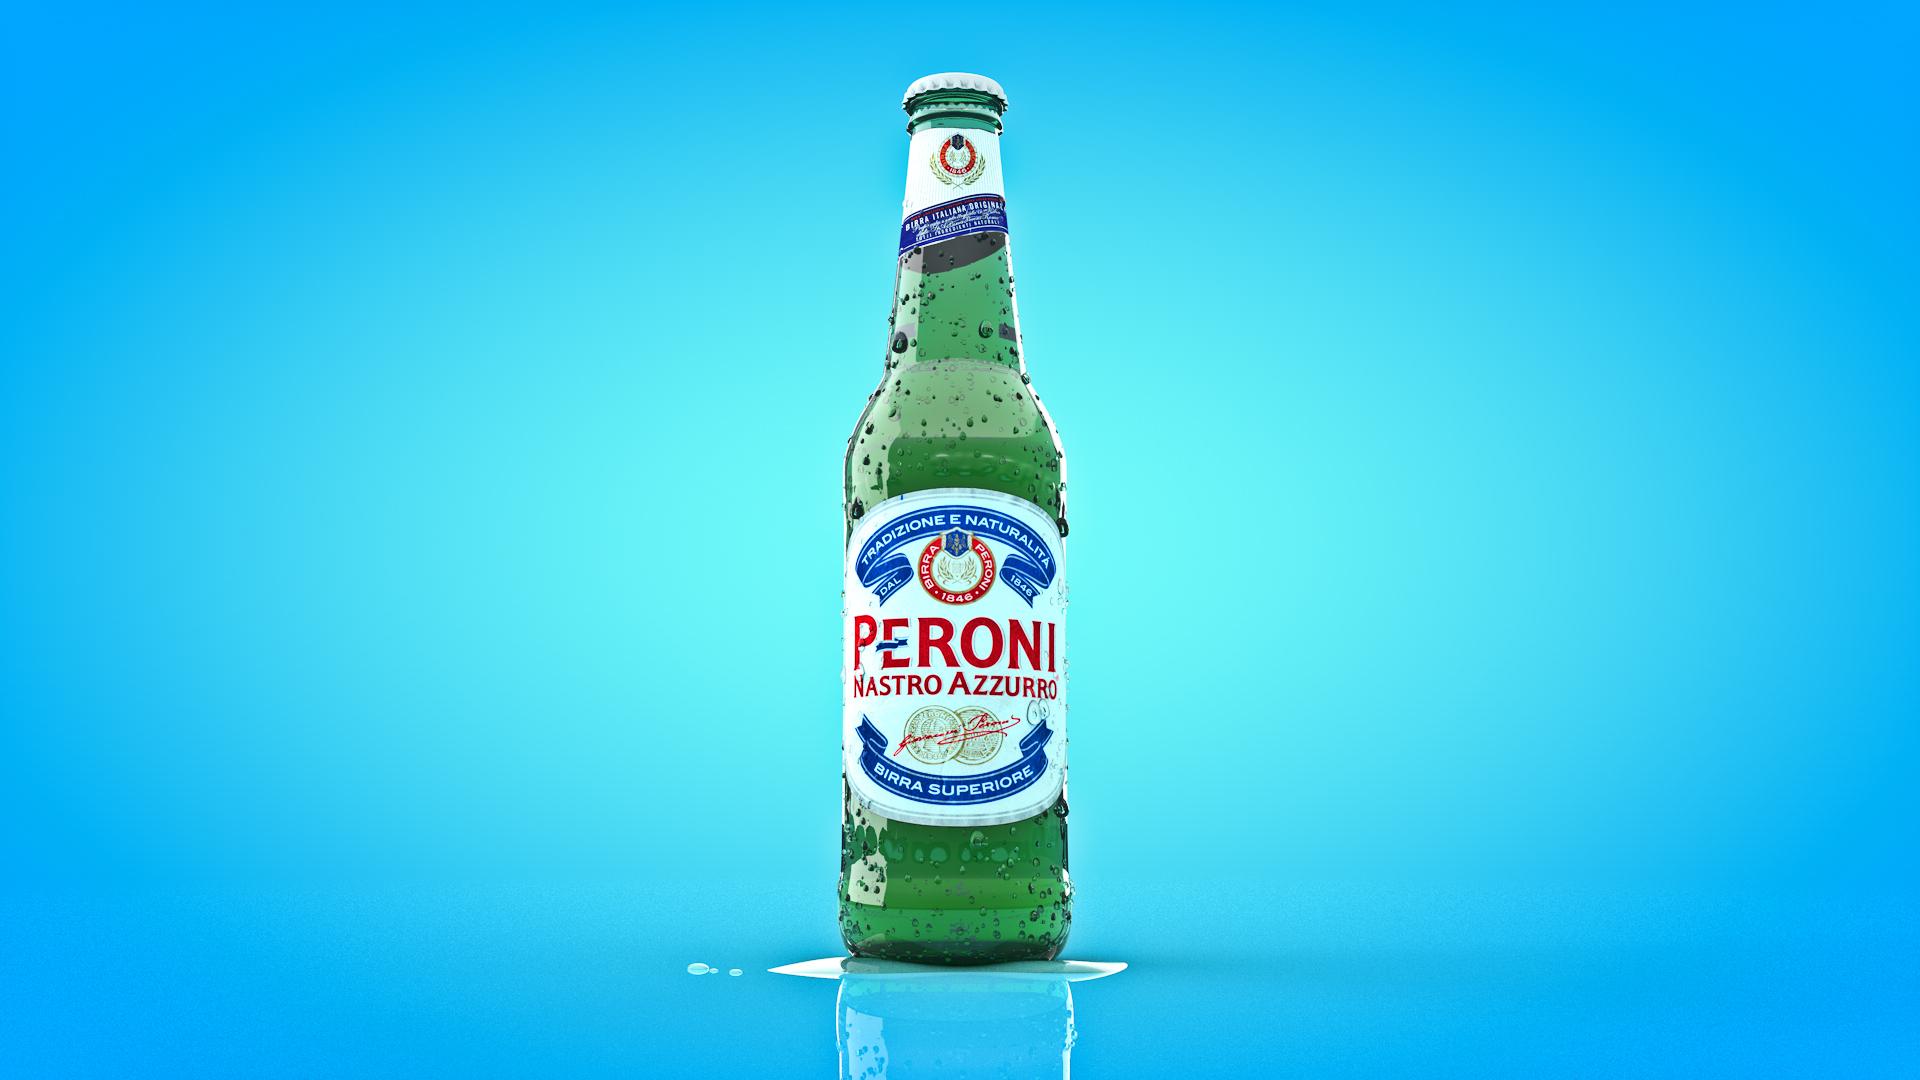 peroni_bottle_v005_CC.jpg